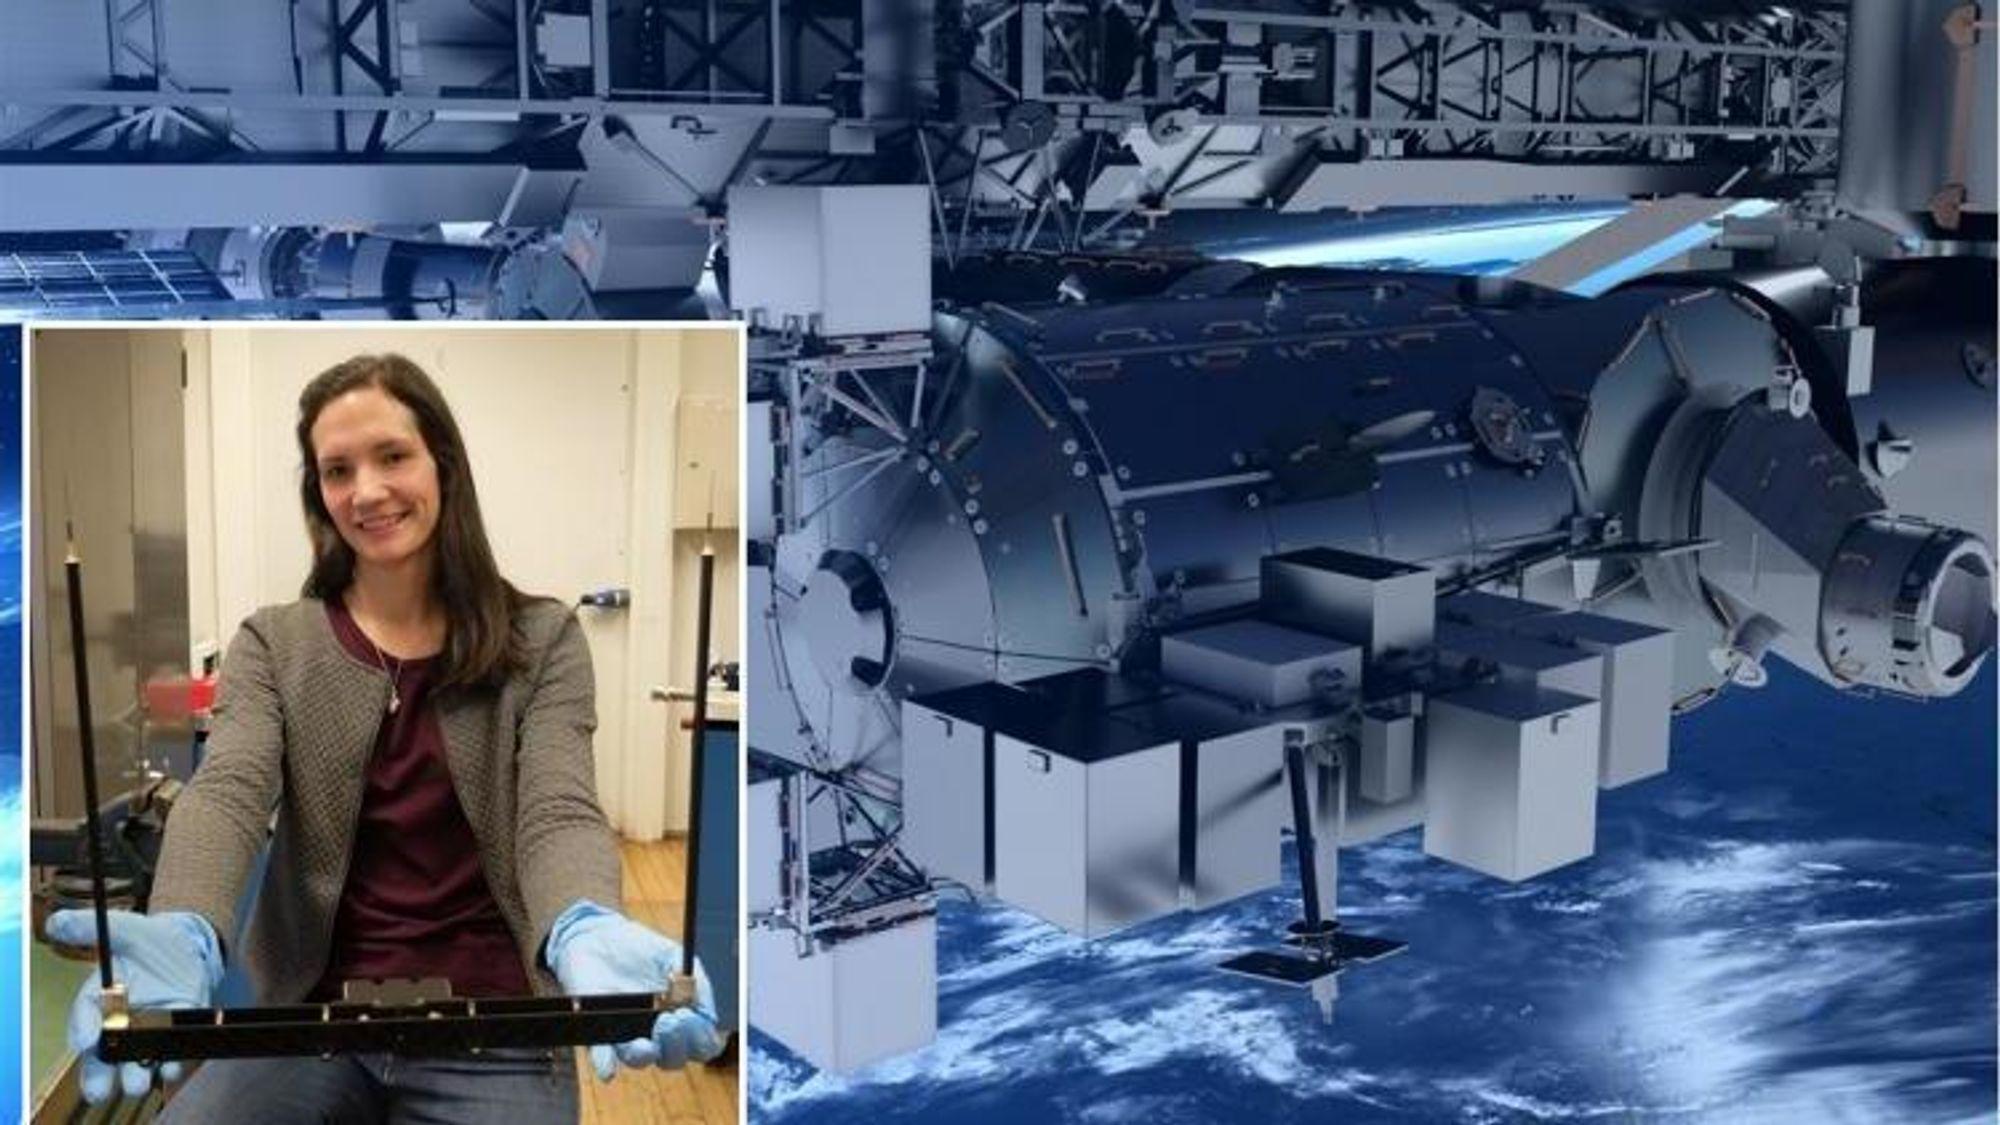 Overingeniør Maren Charlotte Lithun med oppfinnelsen som snart skal festes til Den internasjonale romstasjonen